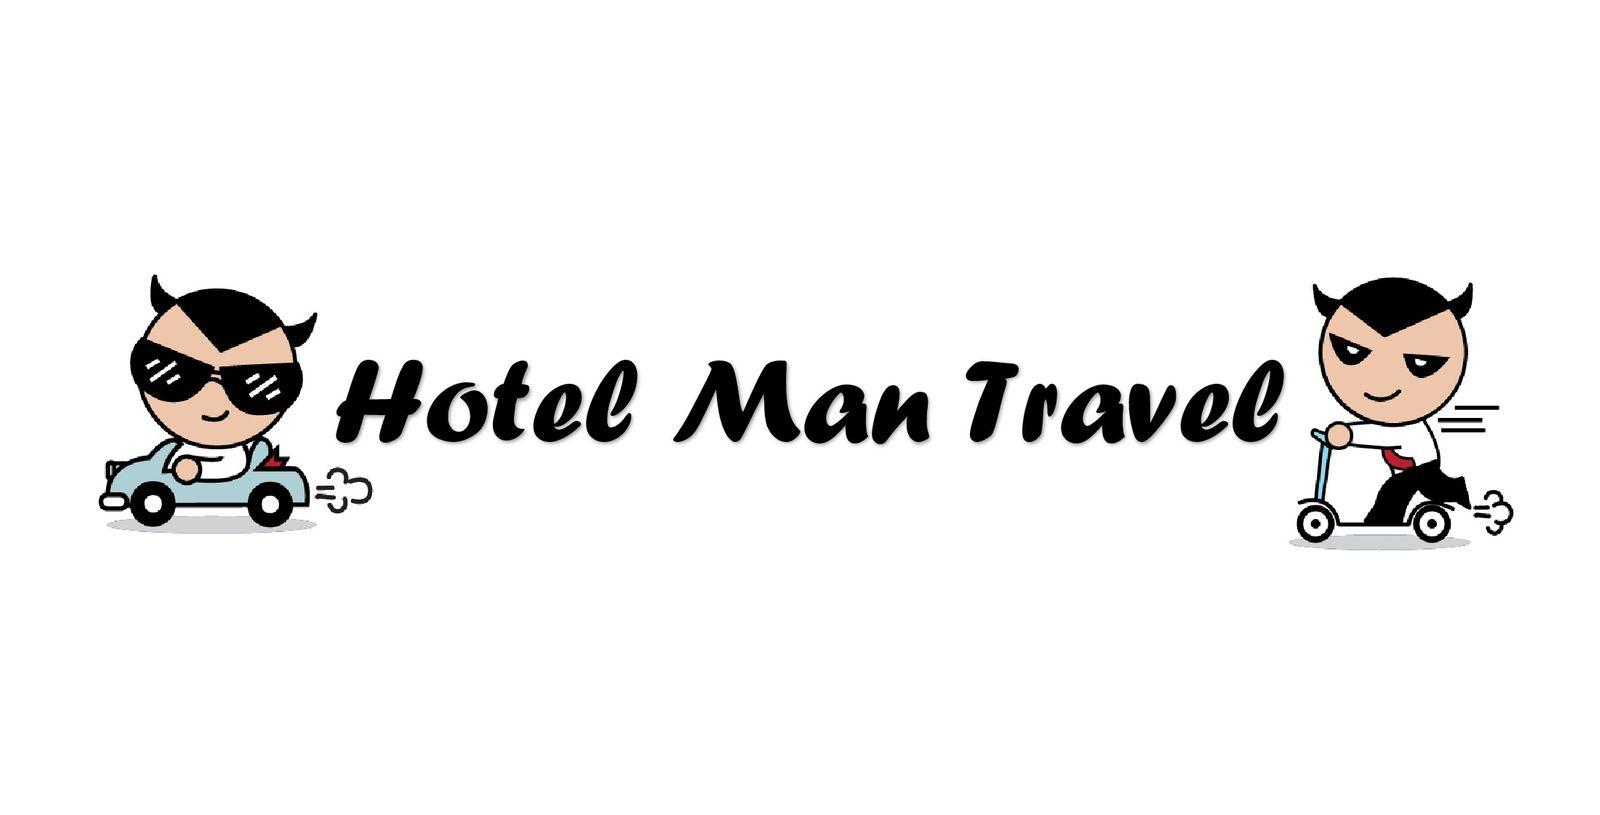 Hotel Man EP. 2 ตอน การสัมภาษณ์งานโรงแรมครั้งแรก